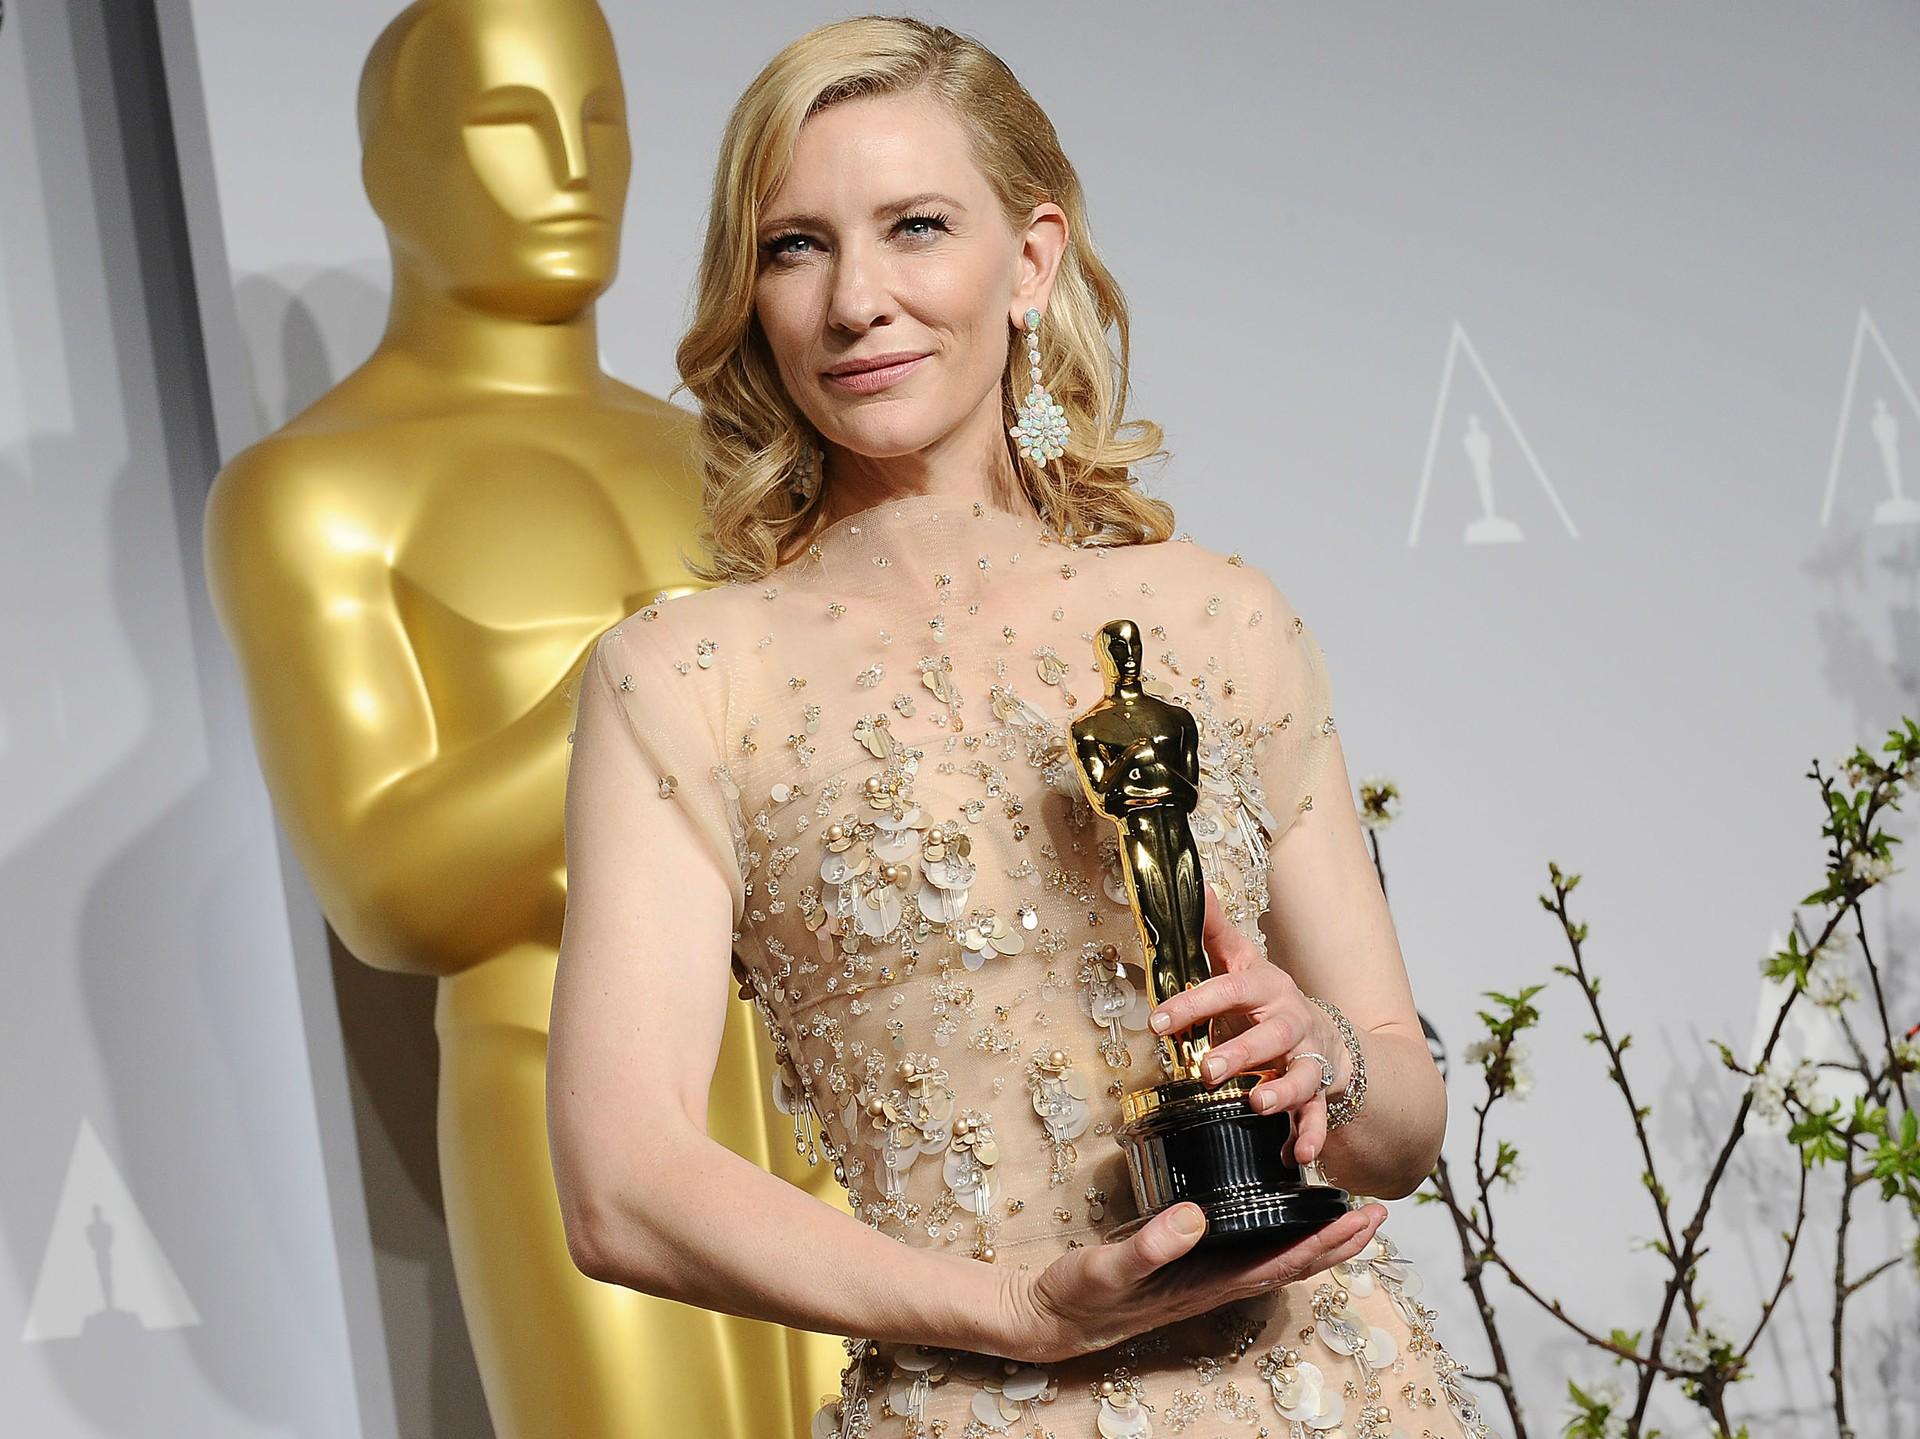 Cate Blanchett nos bastidores da cerimônia do Oscar. (Foto: Getty Images)